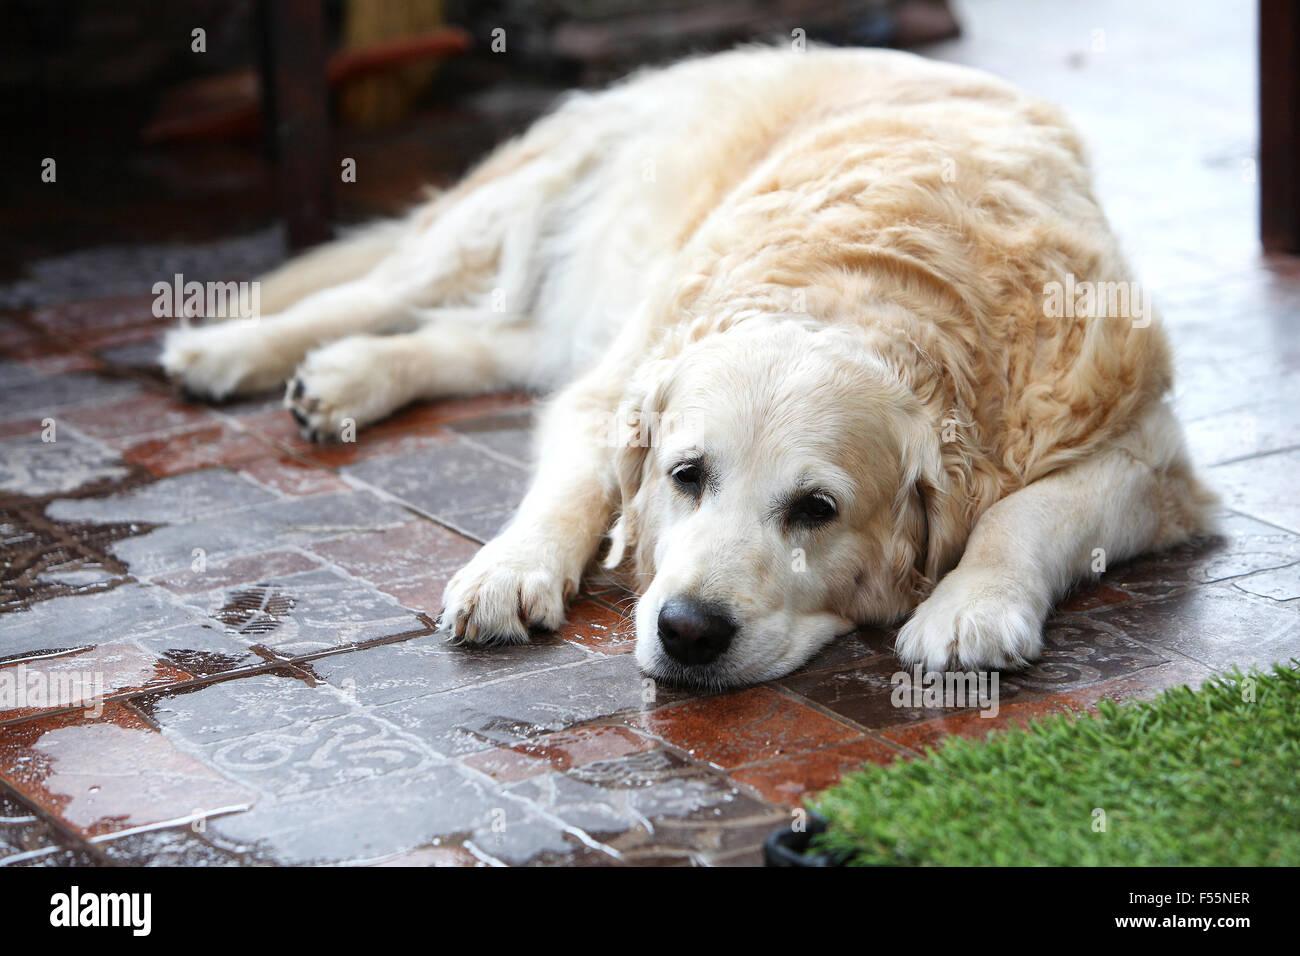 Trauriger großer Hund warten auf Rückkehr des Besitzers. Stockbild